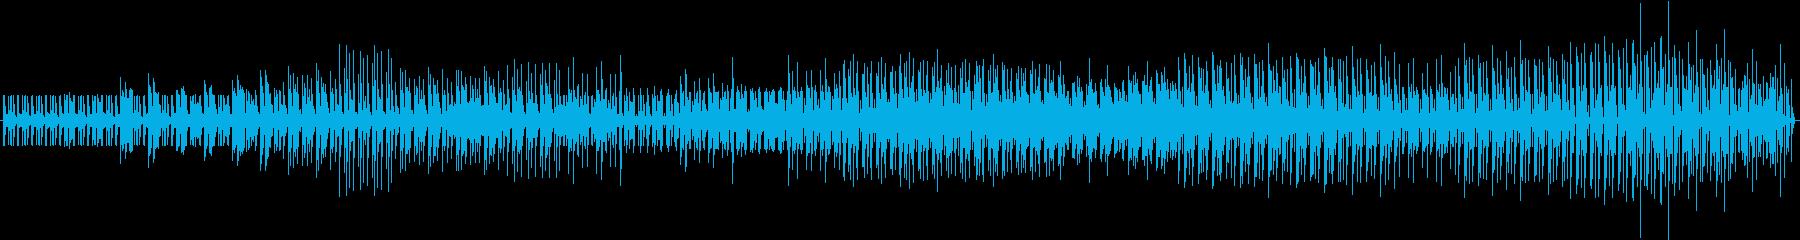 リズムのかっこいいユニークで楽しげな曲の再生済みの波形